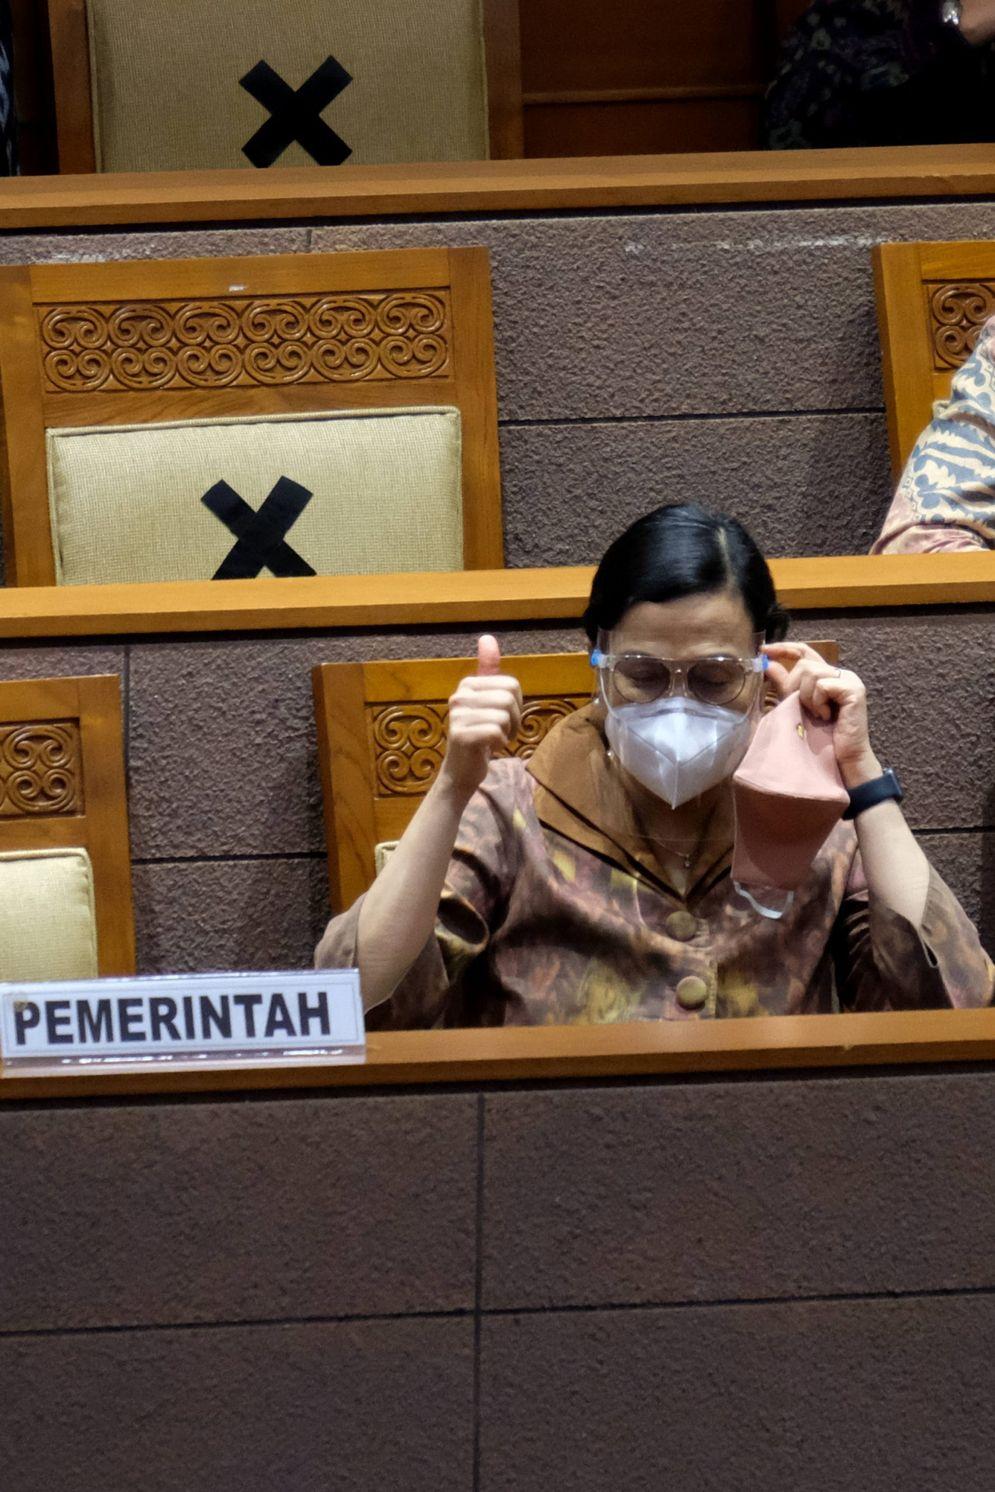 Menteri Keuangan Sri Mulyani hadir dalam Rapat Paripurna DPR di Kompleks Parlemen, Senayan, Jakarta, Selasa, 29 September 2020. Dalam Rapat Paripurna itu DPR menyetujui RUU APBN Tahun Anggaran 2021 dan RUU Bea Materai menjadi Undang-Undang serta menetapkan perpanjangan waktu pembahasan RUU Perlindungan Data Pribadi. Foto: Ismail Pohan/TrenAsia\n